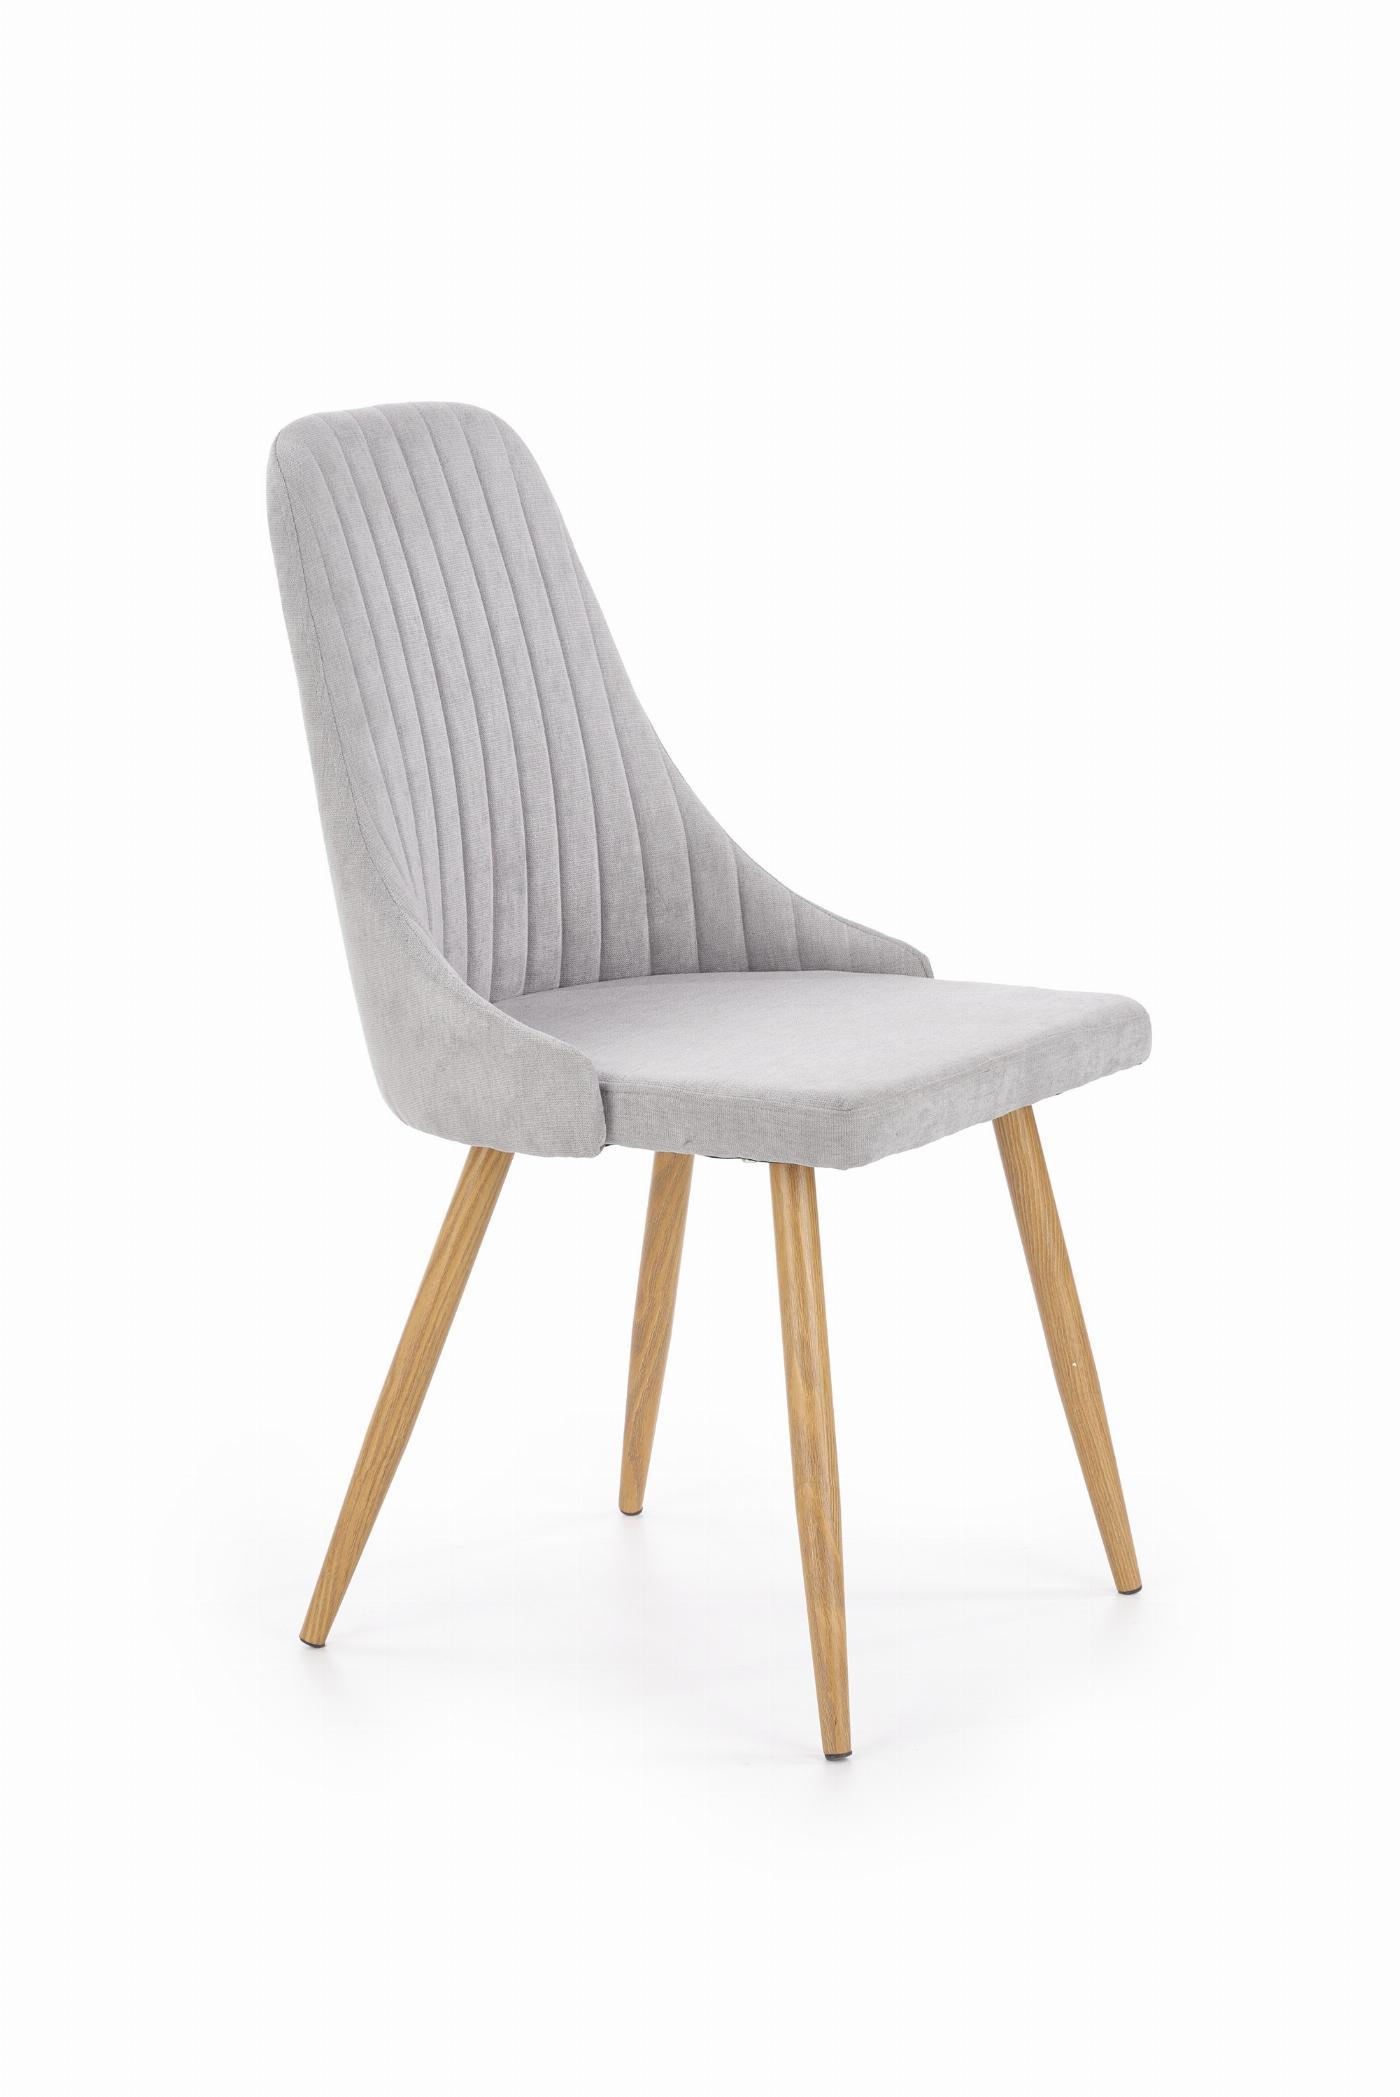 K285 krzesło jasny popiel